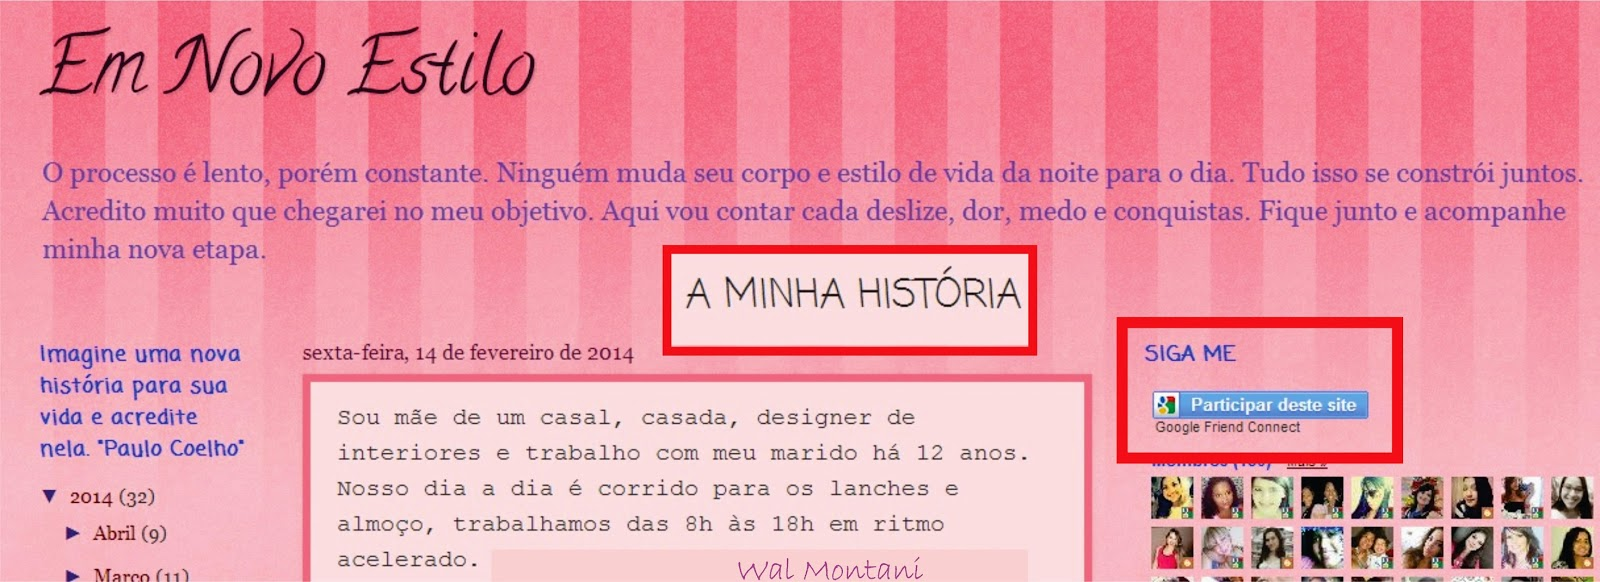 http://emnovoestilo.blogspot.com.br/2014/02/a-minha-historia.html